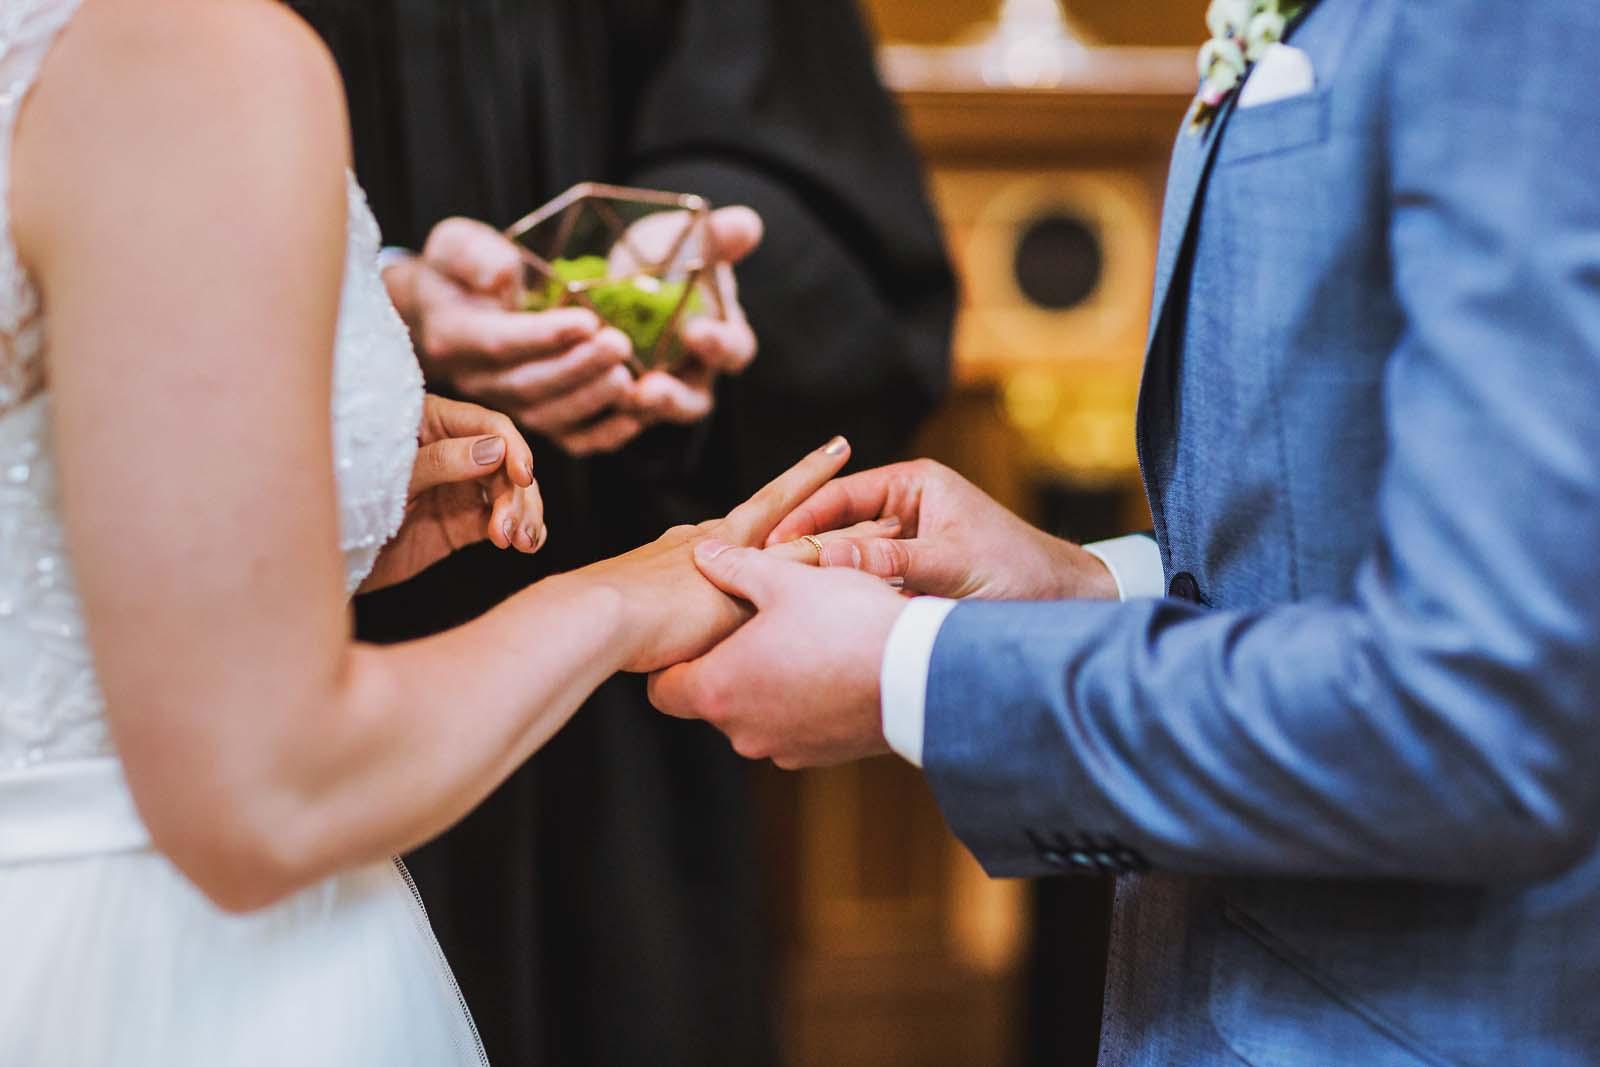 Detailfoto der Haende beim Ringtausch Copyright by Hochzeitsfotograf www.berliner-hochzeitsfotografie.de